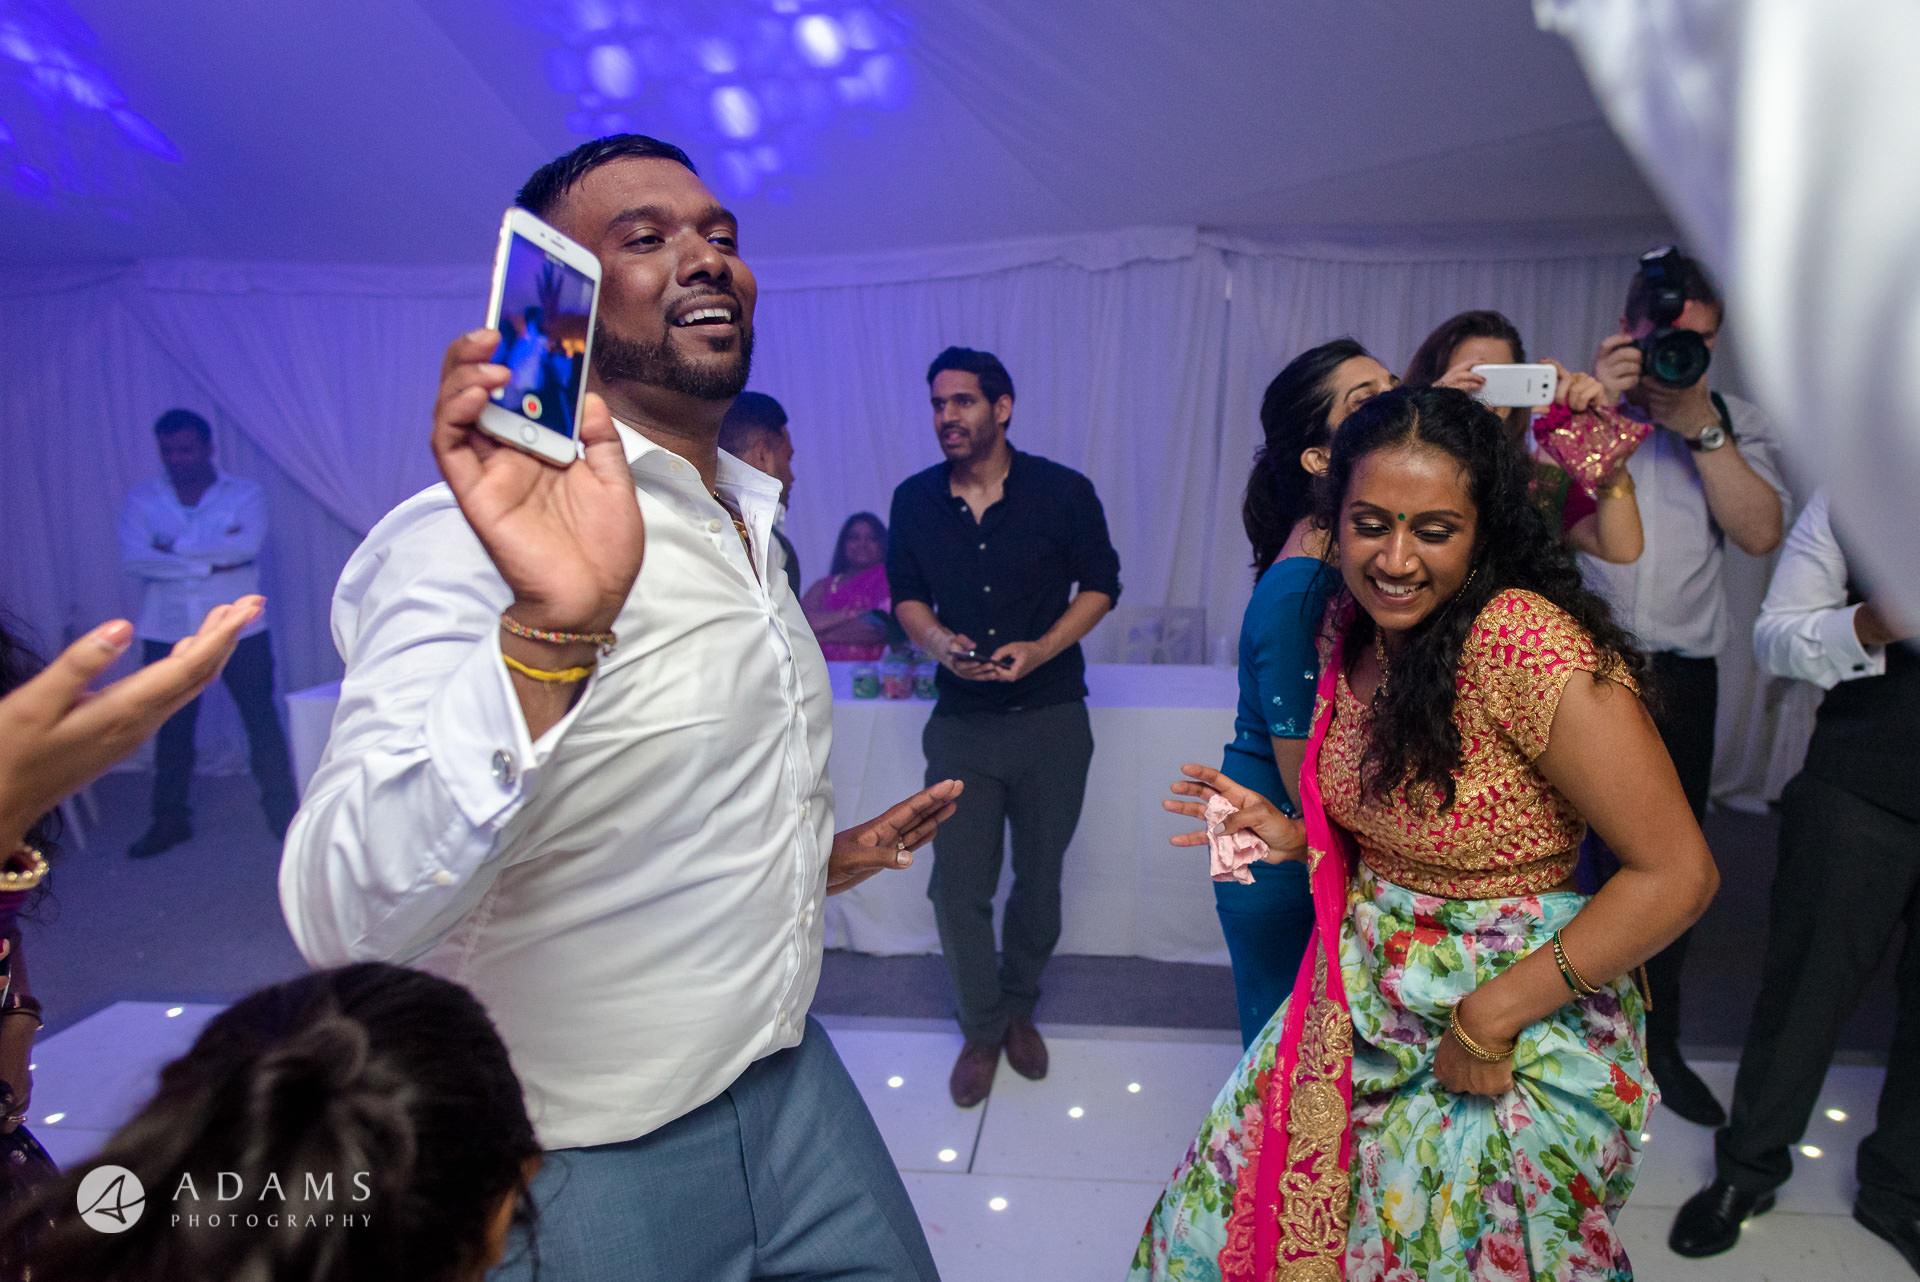 Windsor Racecourse Wedding Photographer | Saranya + Gobi 5